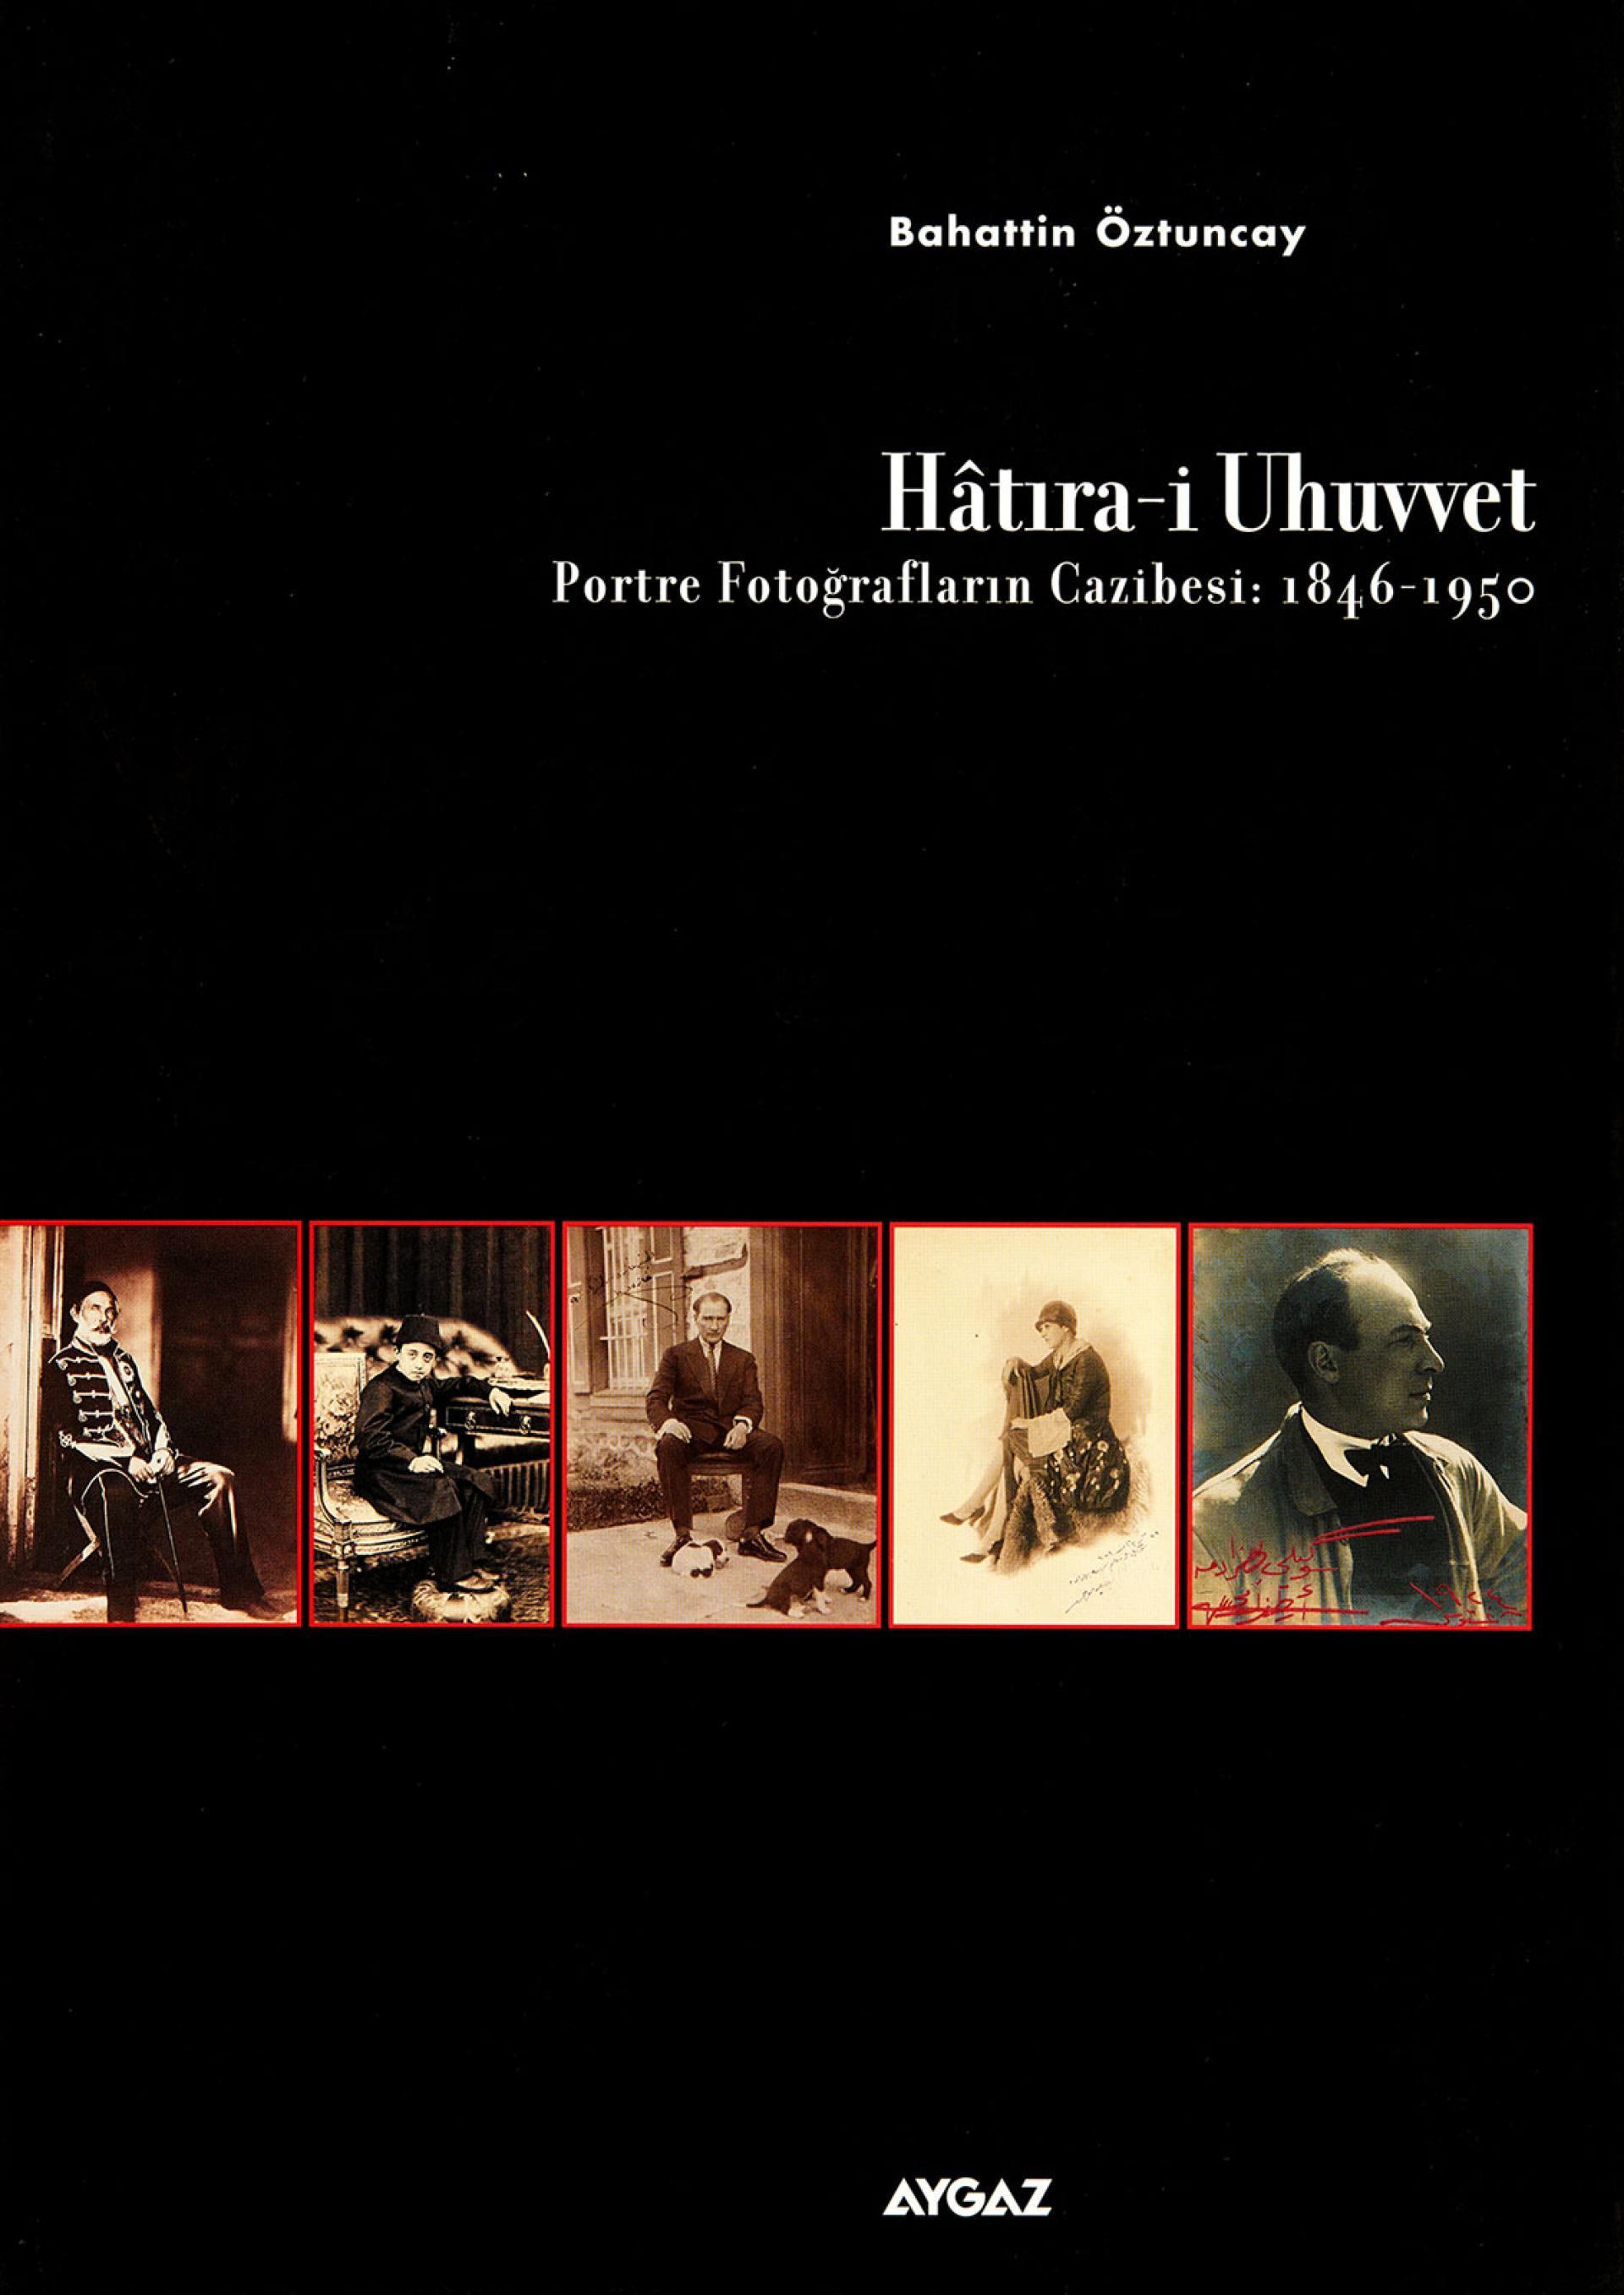 Hâtıra-i Uhuvvet - Portre Fotoğrafların Cazibesi: 1846-1950 - BOOKS - Sadberk Hanım Museum